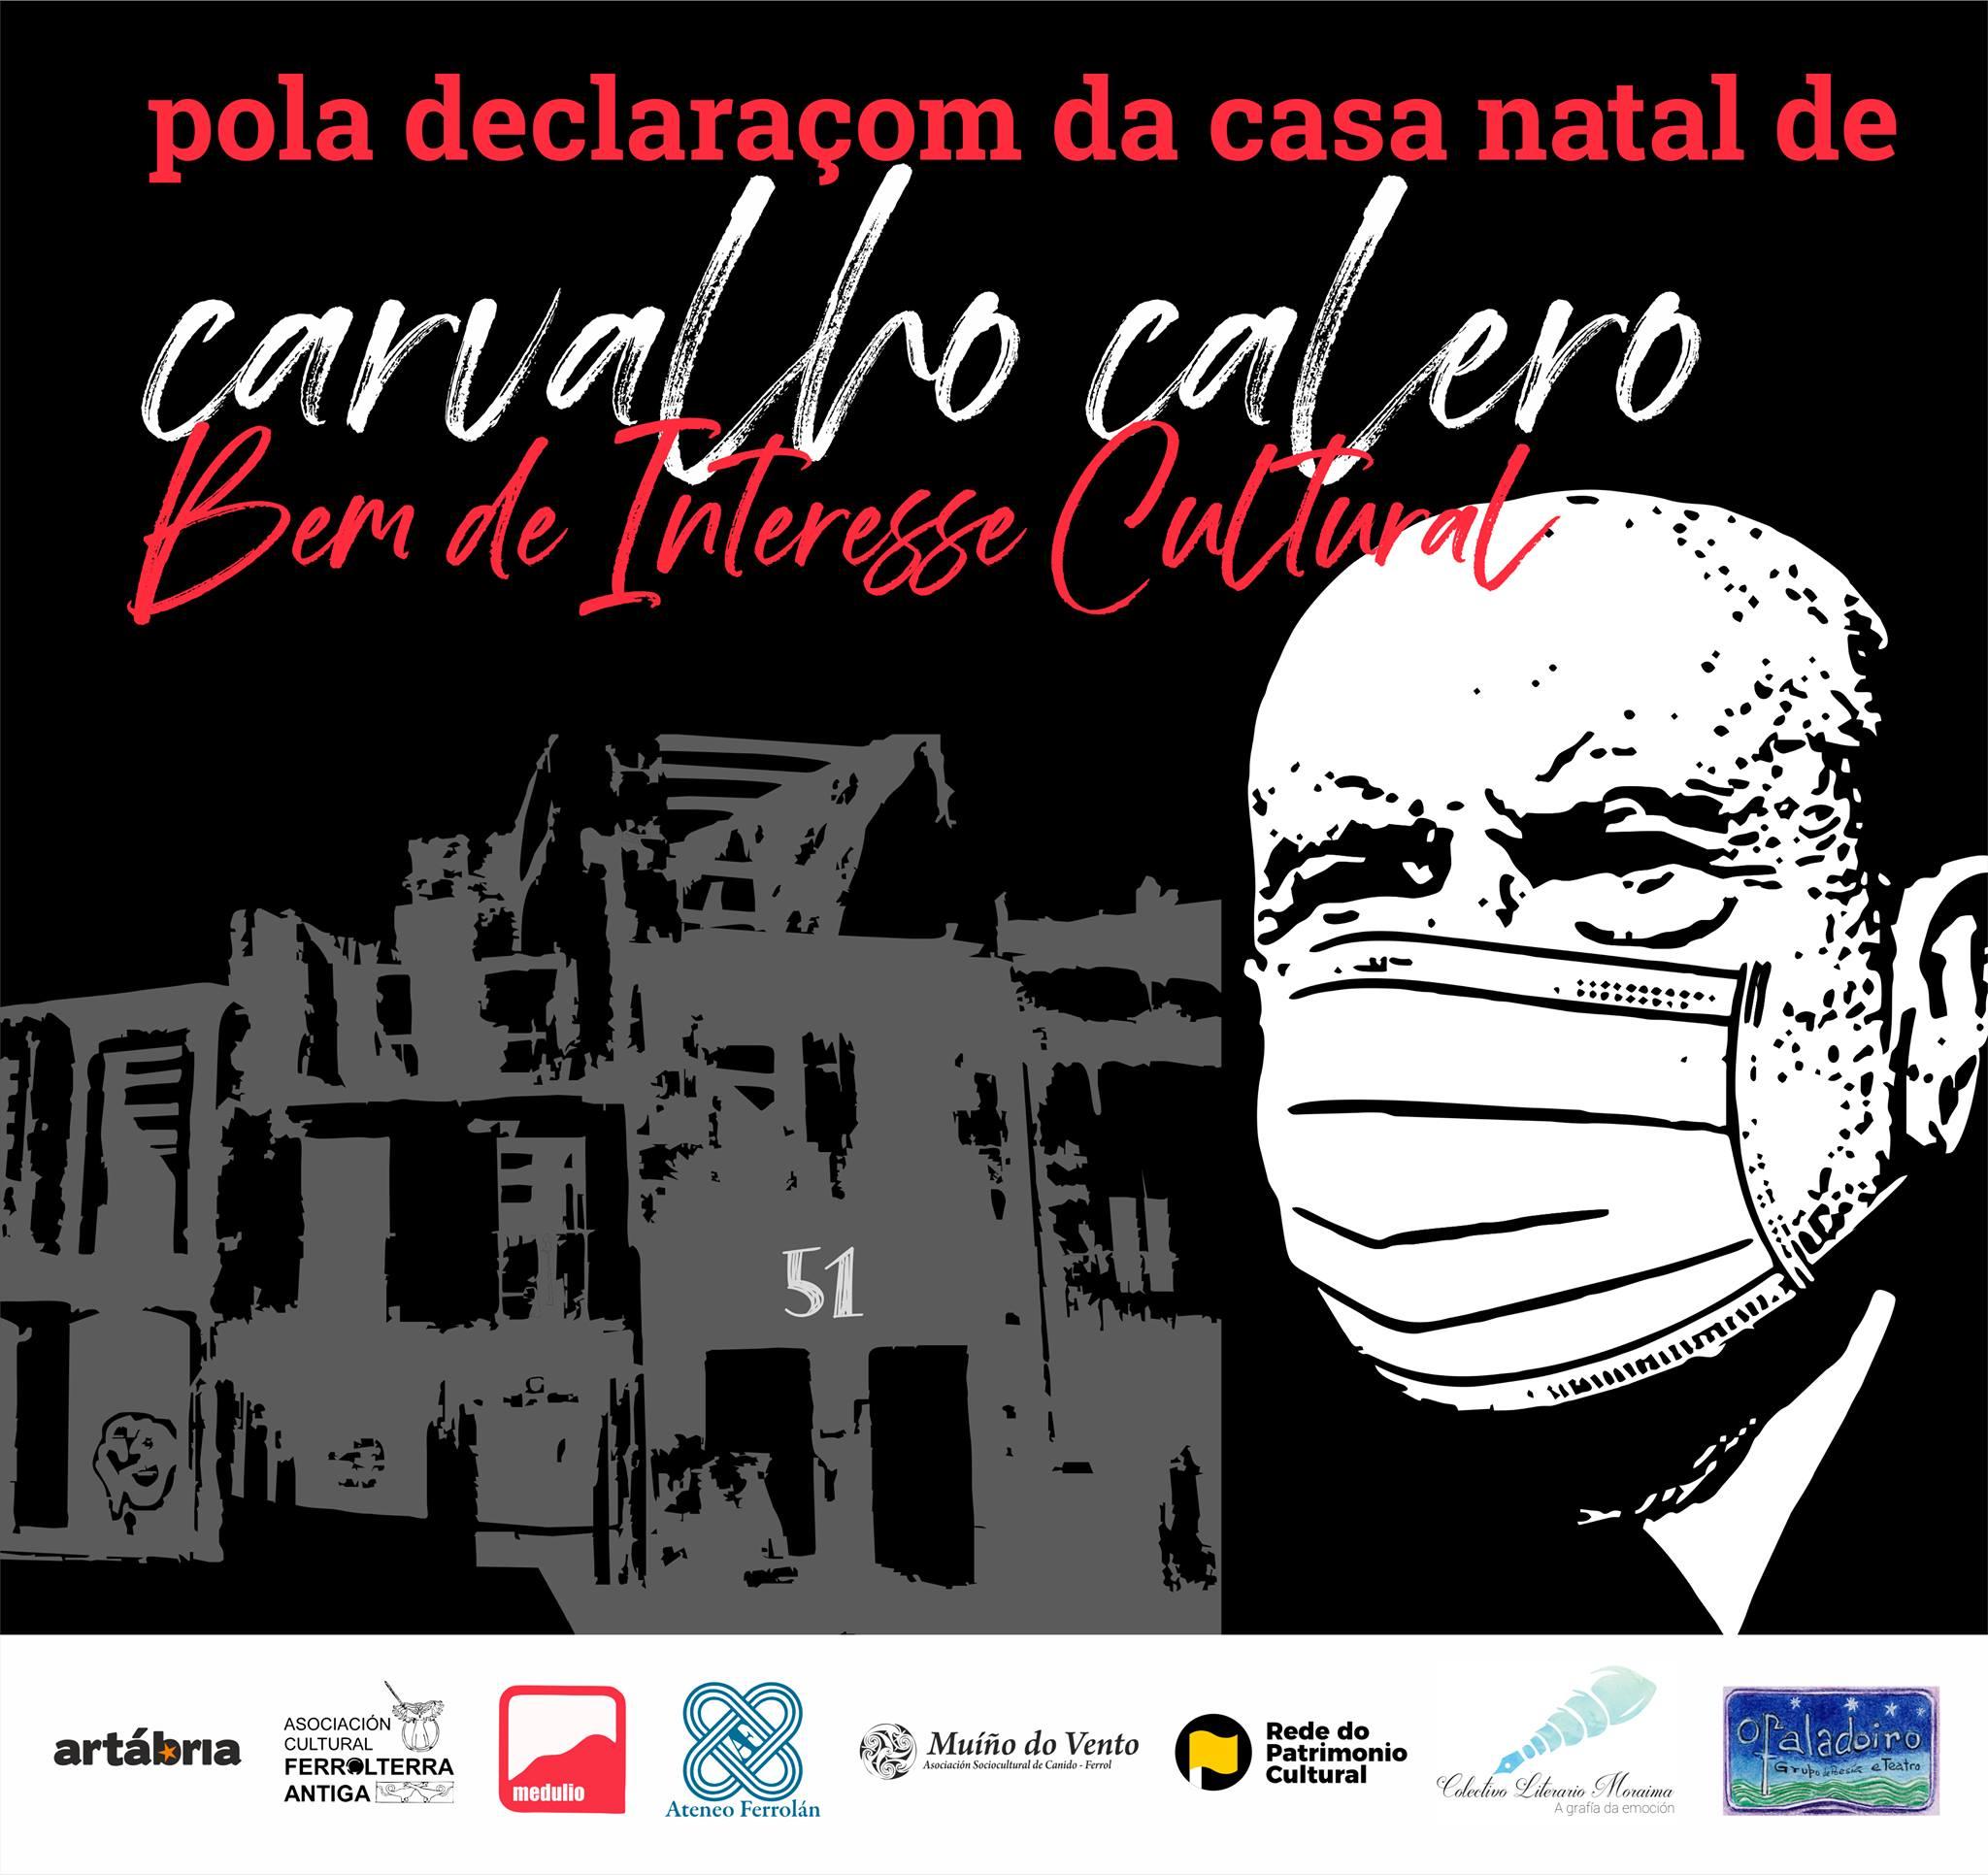 Solicitude de declaração BIC para a casa natal de Carvalho Calero